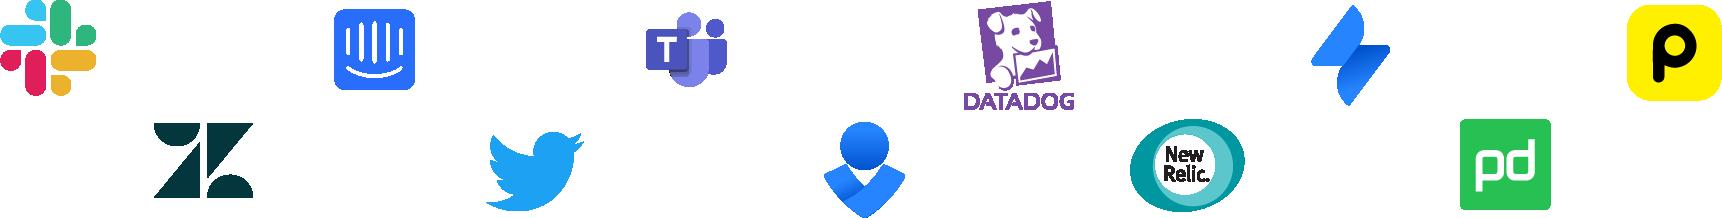 Statuspage を連携